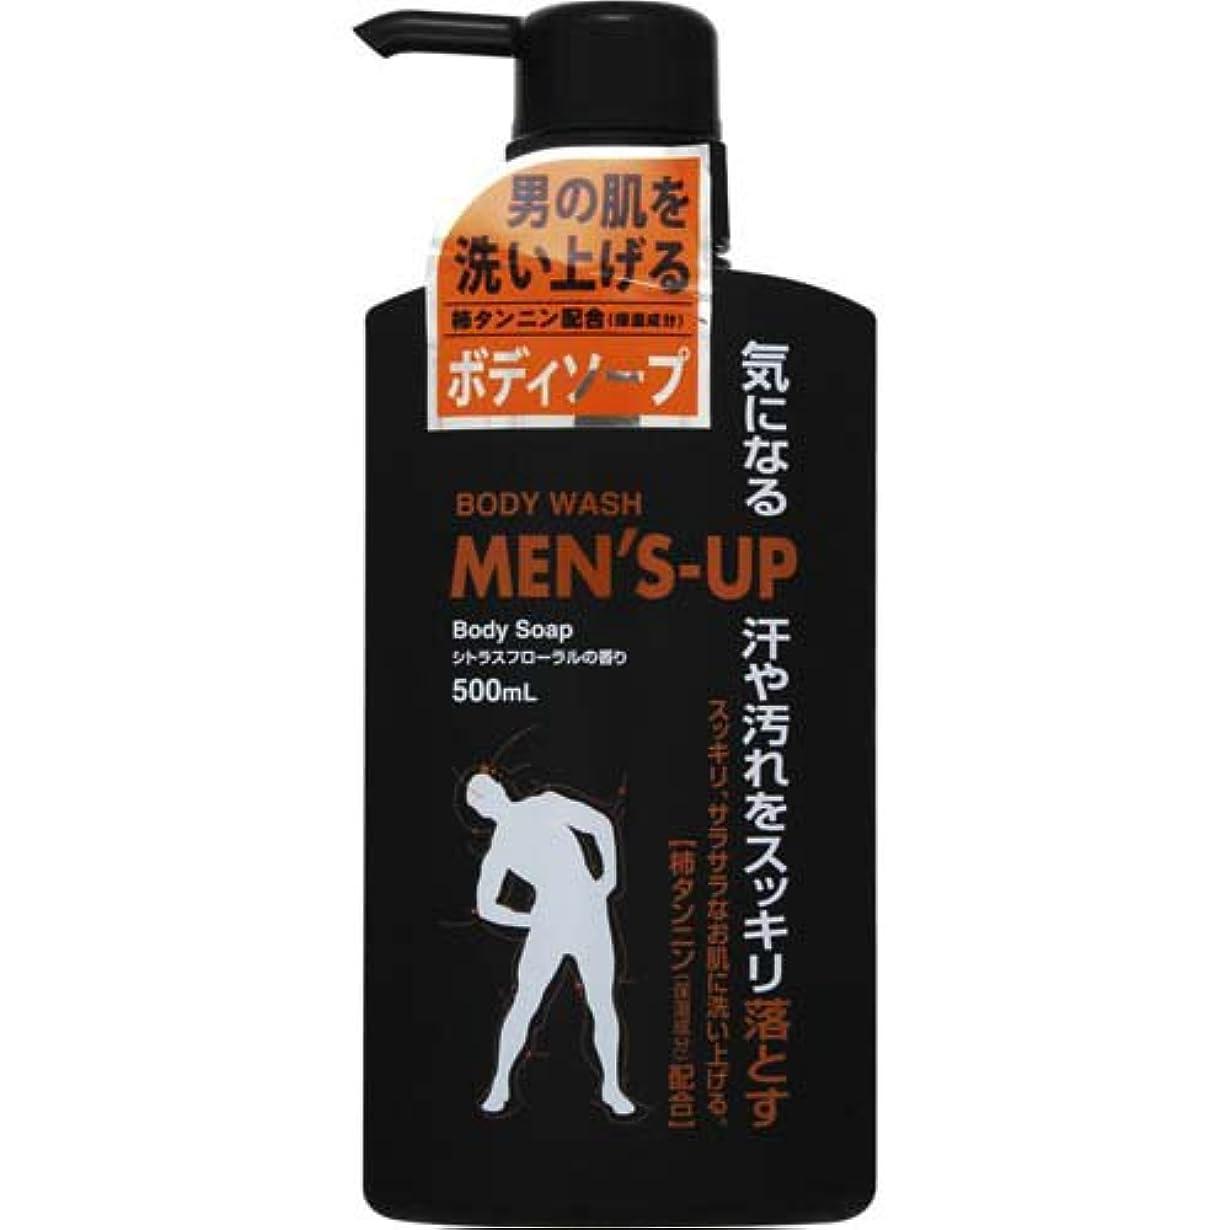 バルブ高尚な温室MEN'S-UP(メンズアップ) ボディーソープ 本体 500ml